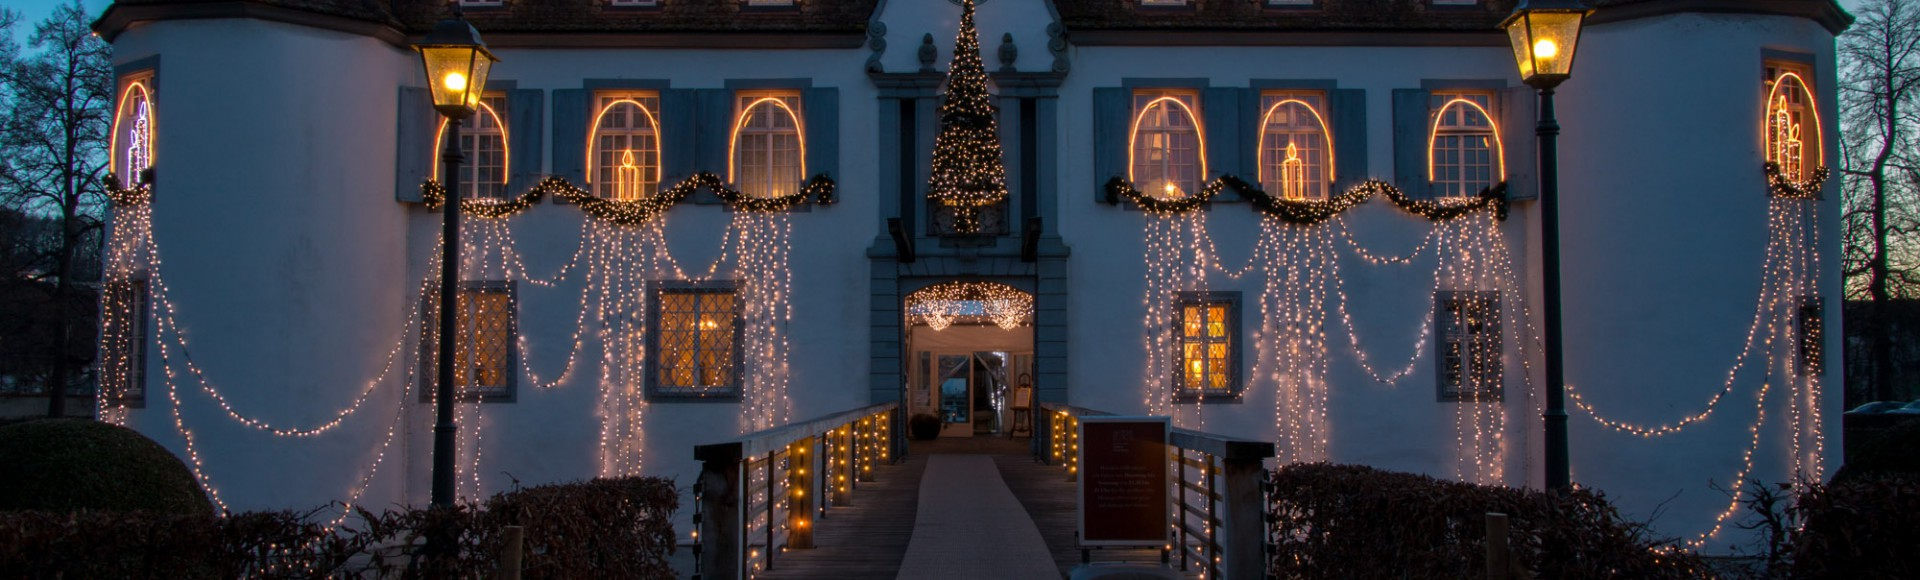 Weiherschloss Bottmingen mit Weihnachtsbeleuchtung